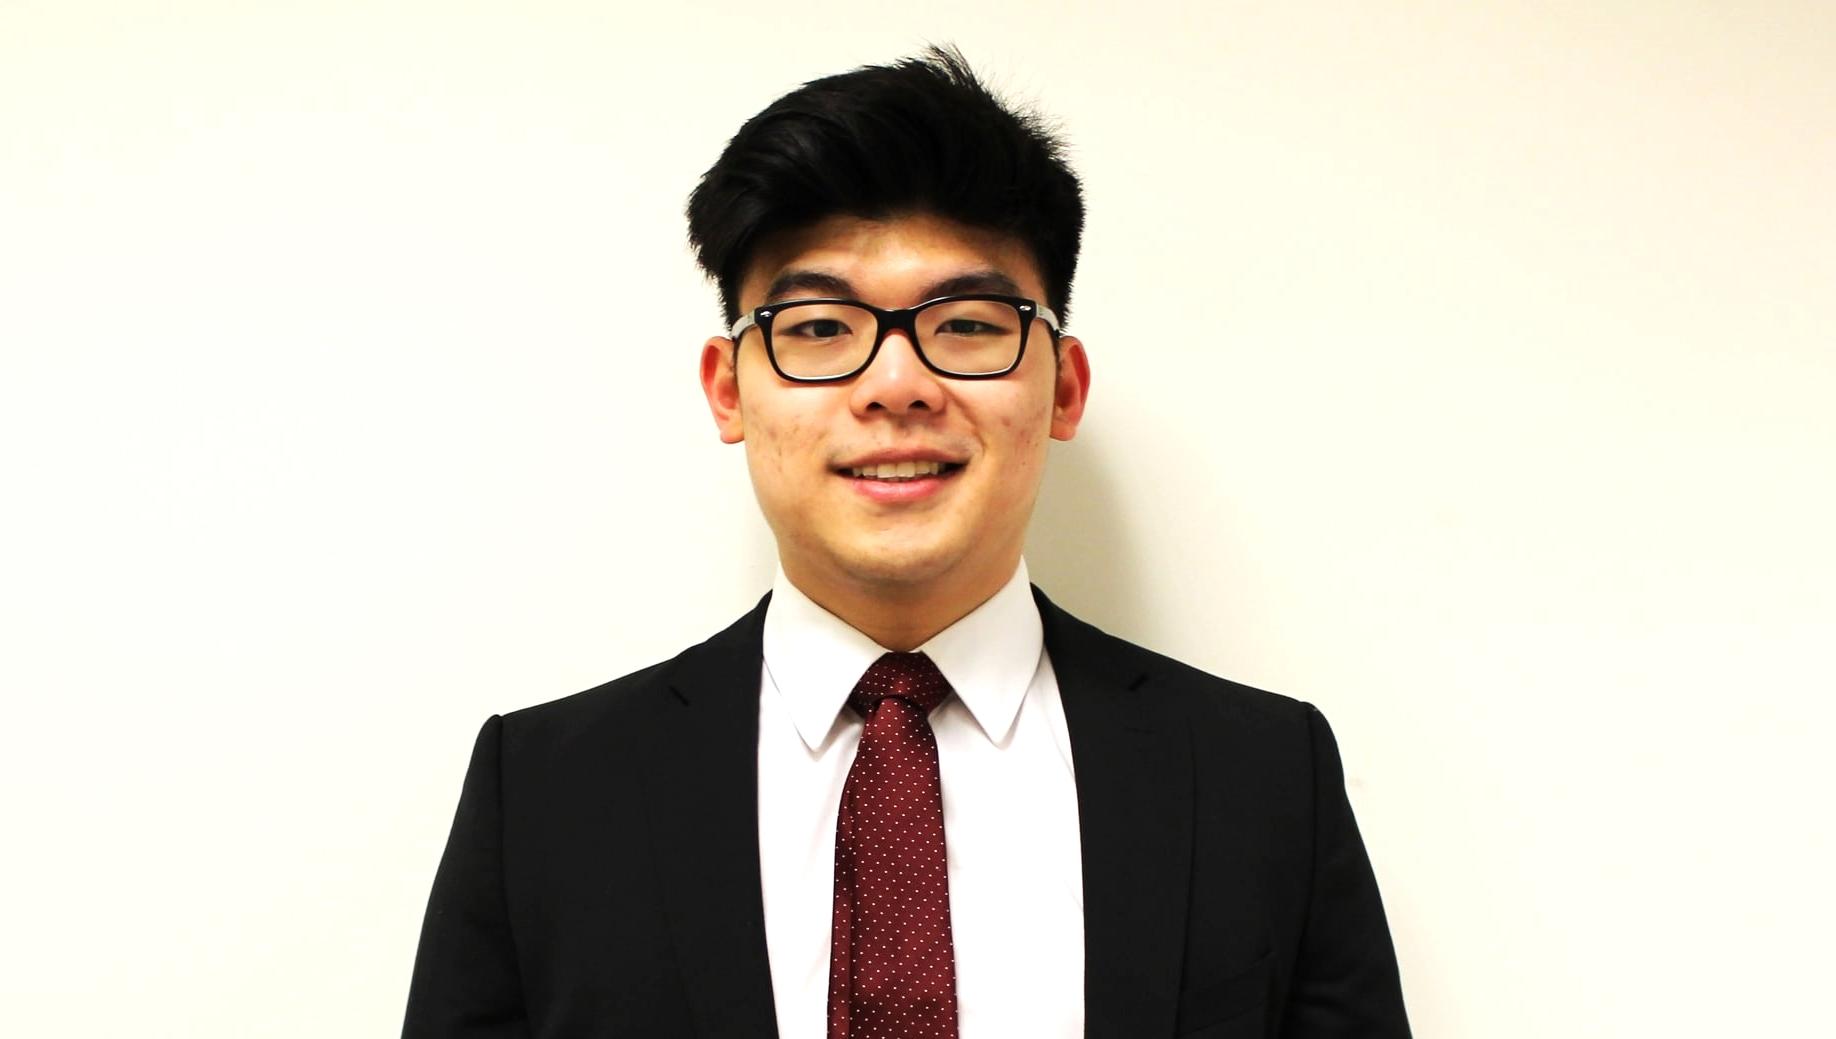 Joel Soo